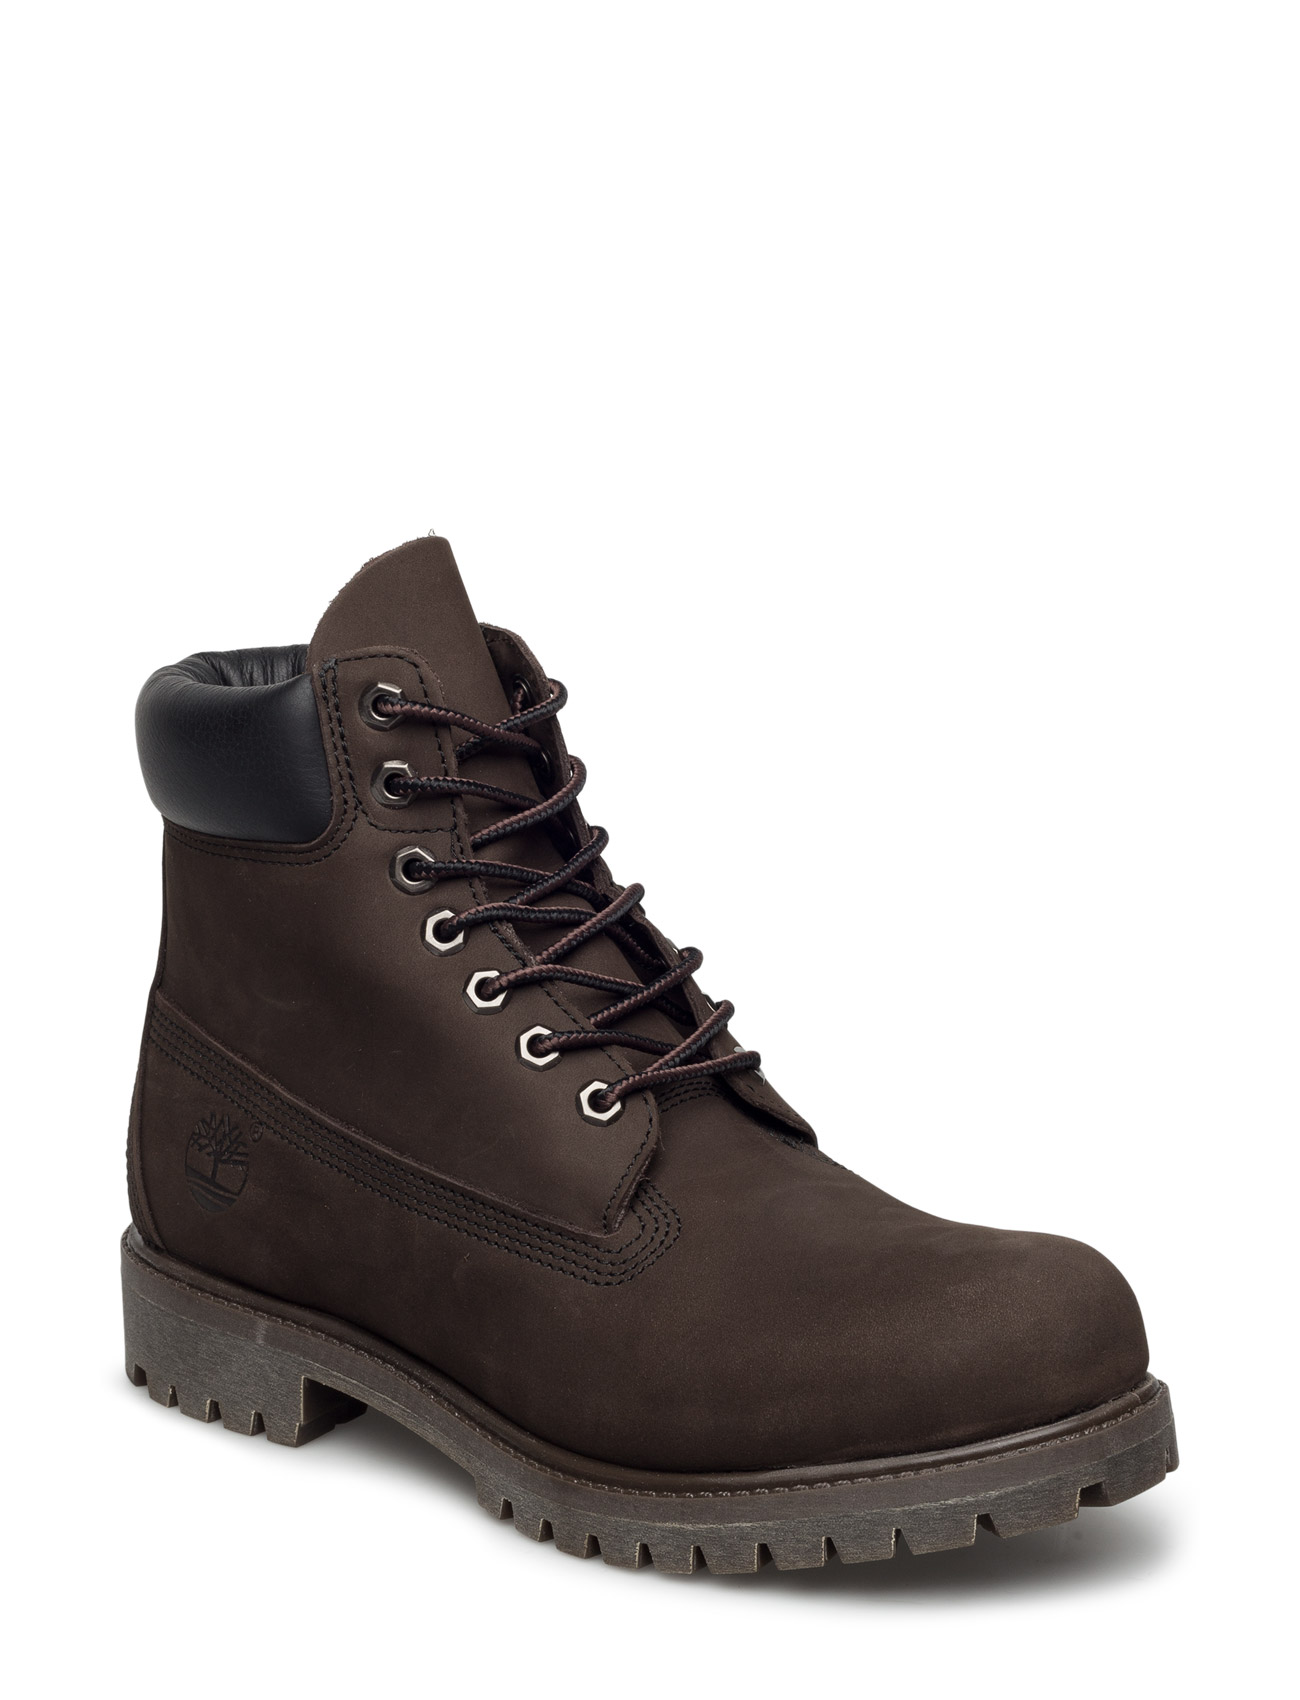 6 Inch Premium Boot Timberland Sko til Mænd i Brun